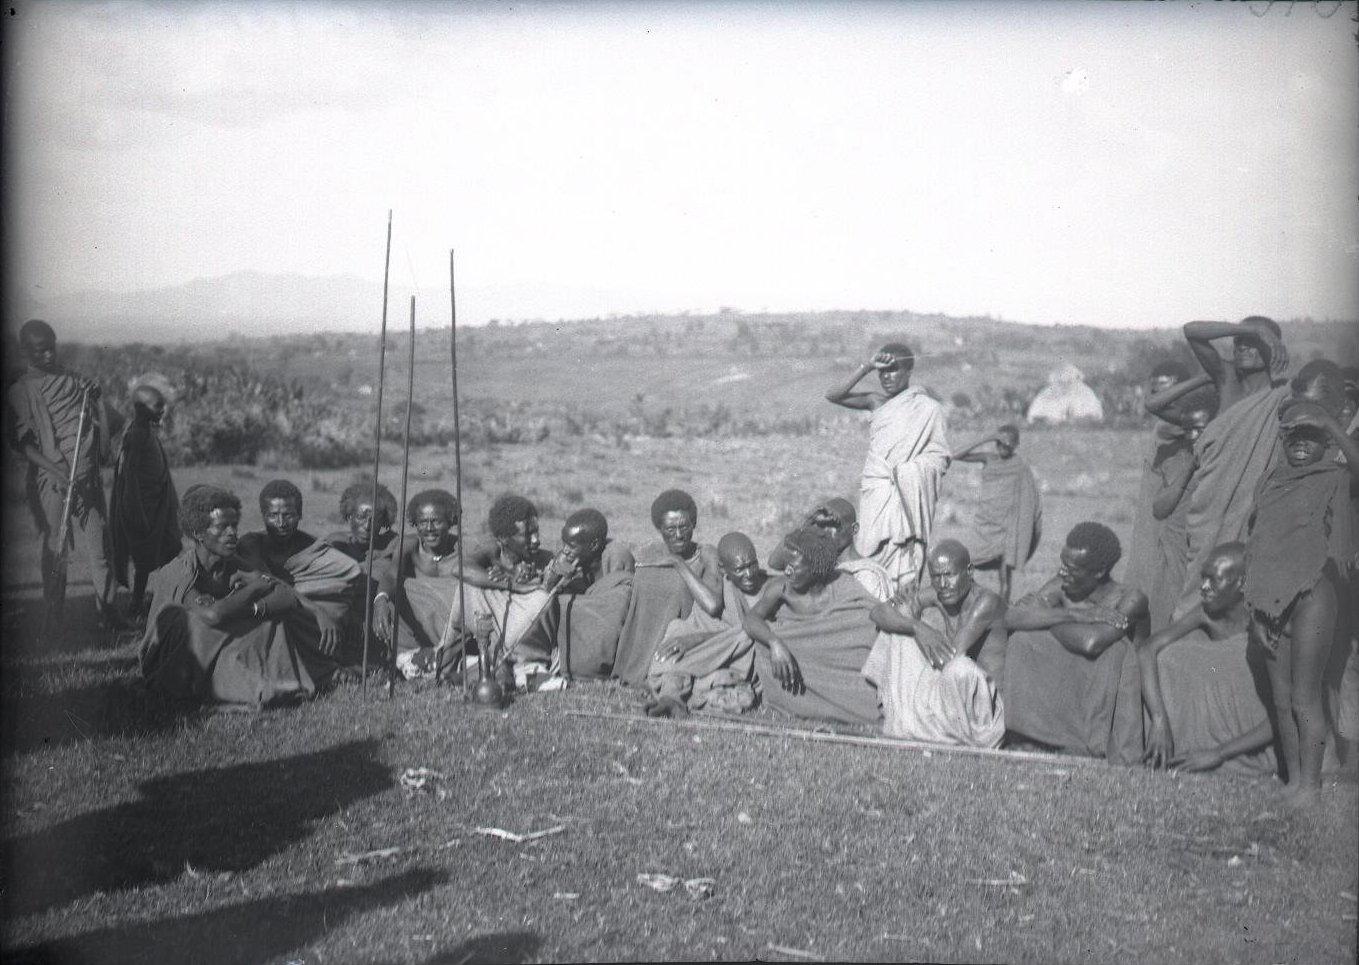 510. Жители провинции Уоламо на базаре. Омето